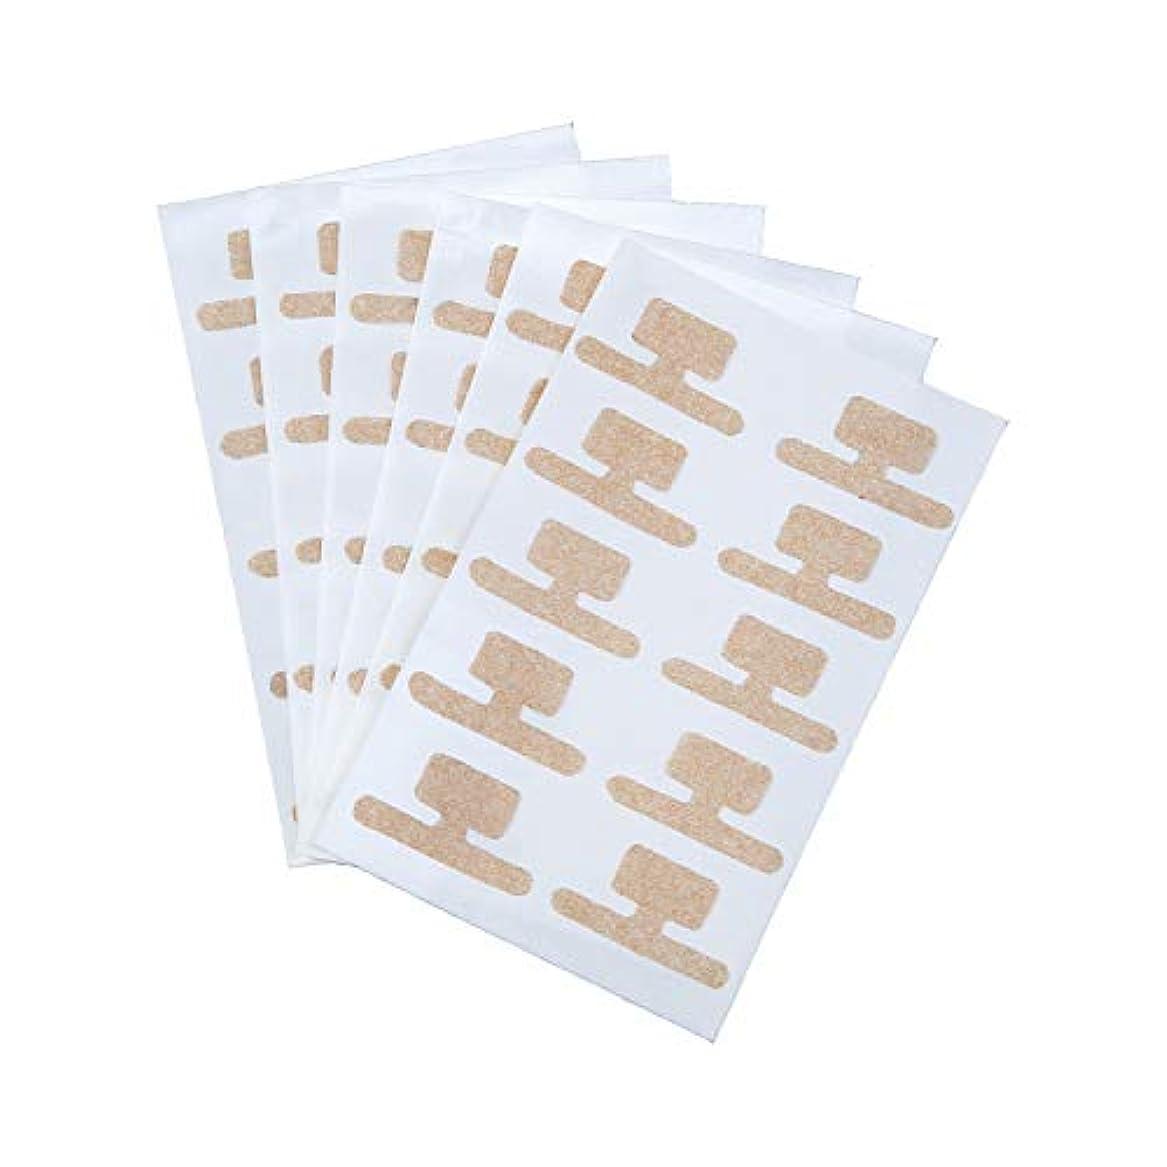 巻き爪ダブルケアテープ 60枚入 持ち上げ シール 食い込み 痛み サポート 貼るだけ 足 フットケア